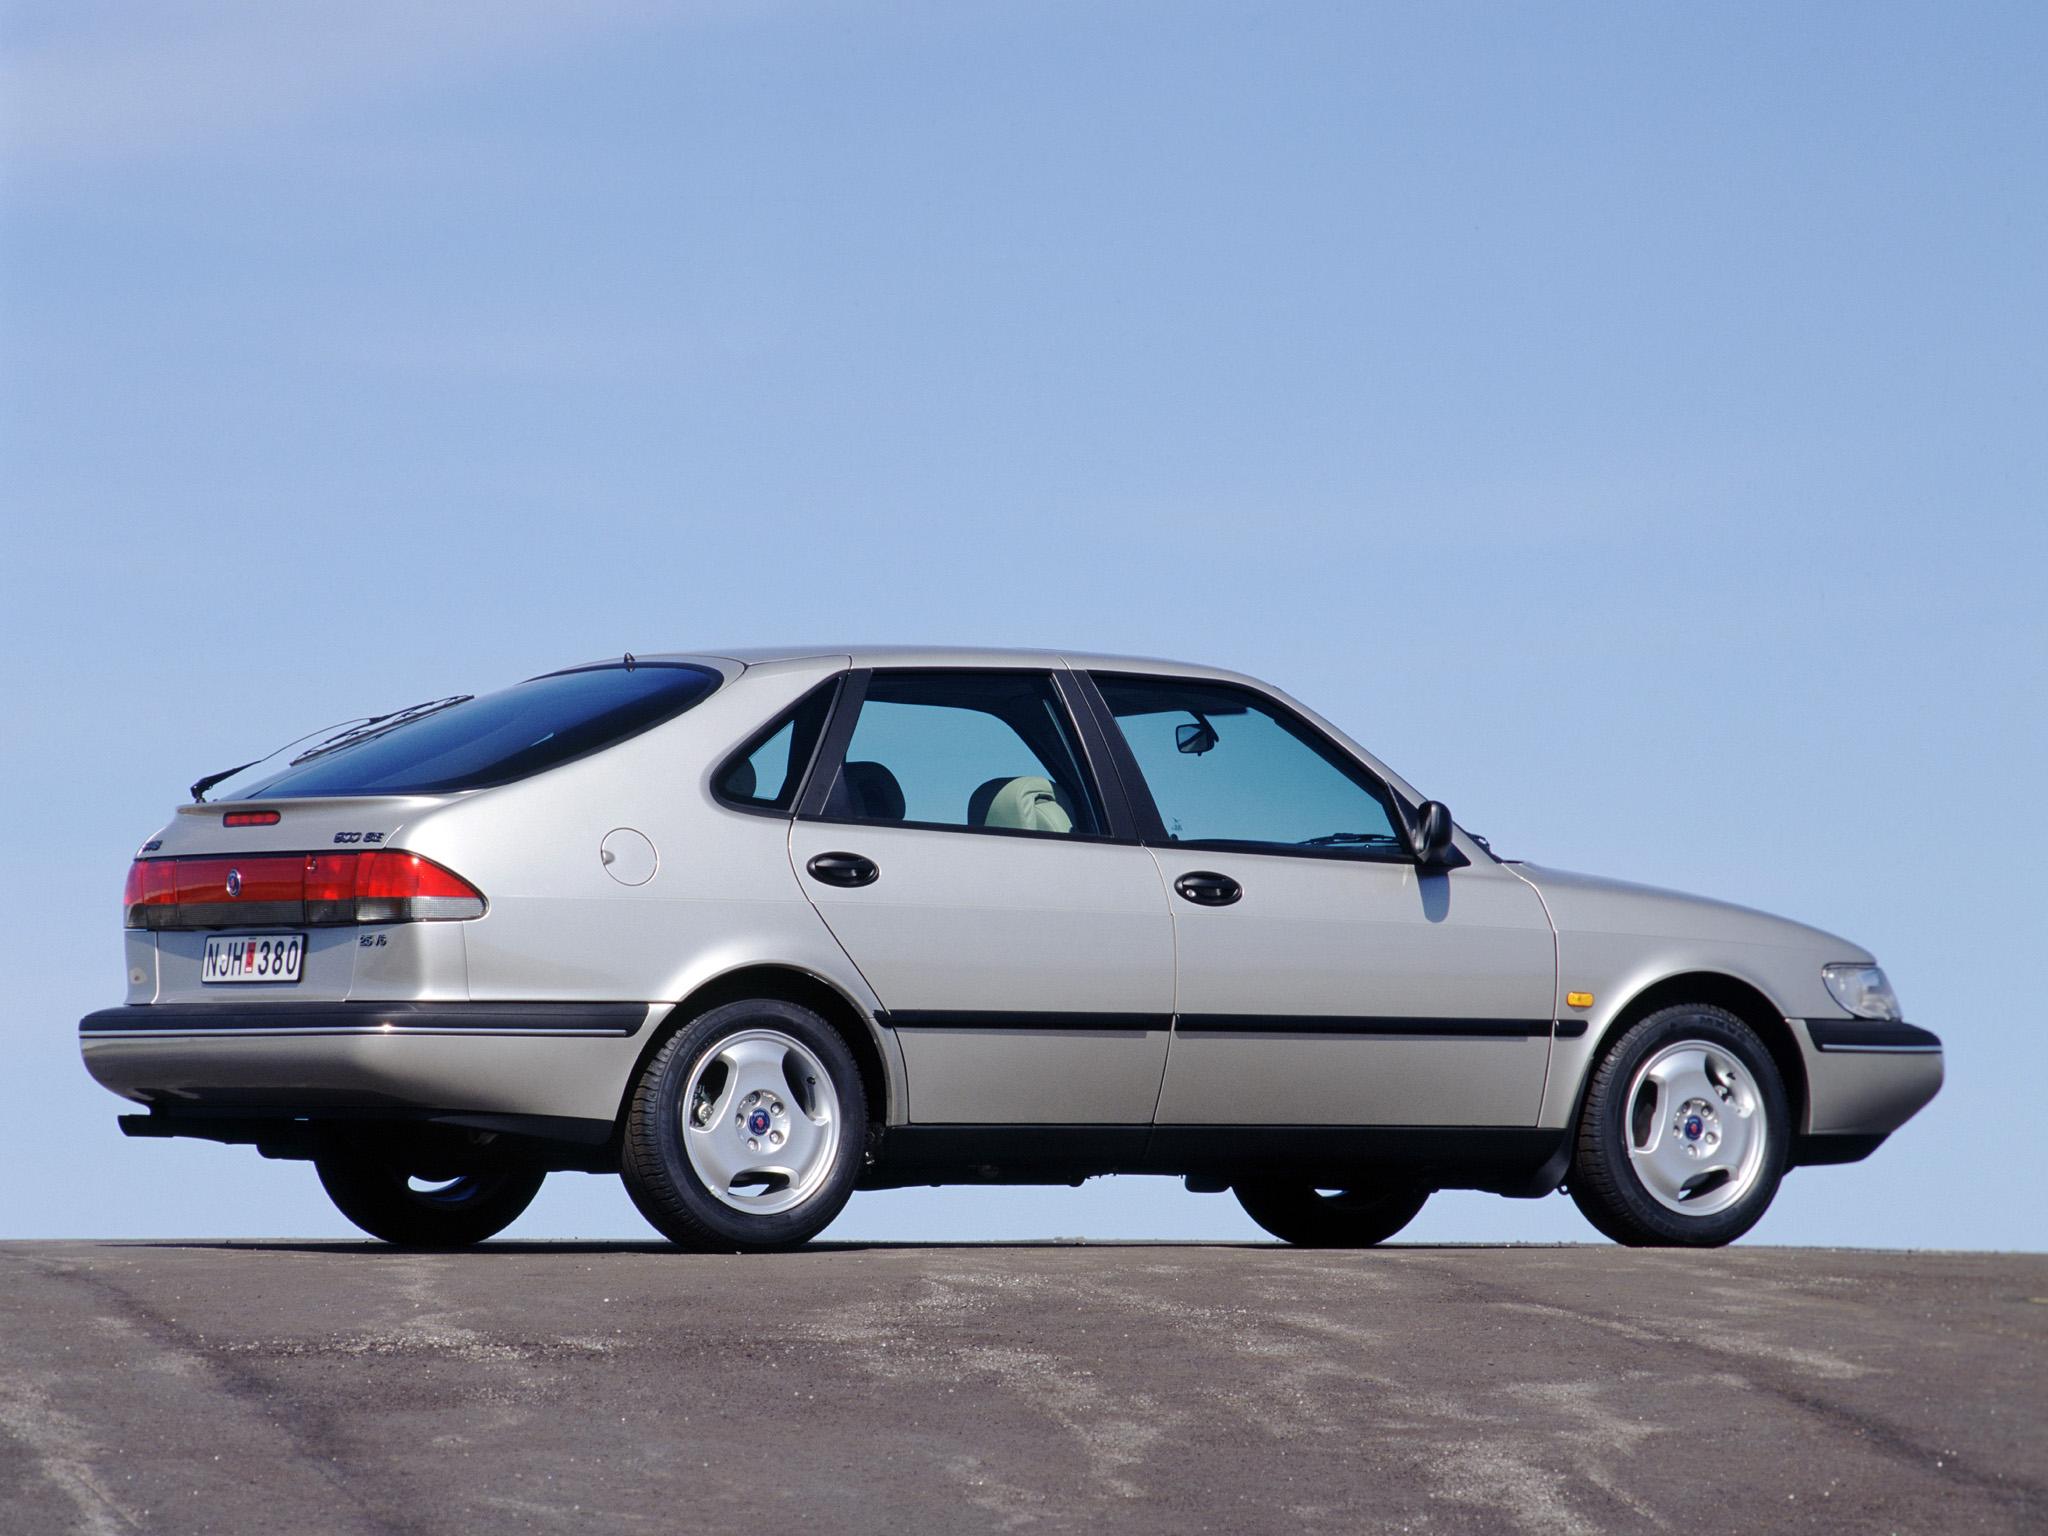 Andra generationens Saab 900 byggdes på ett moderniserat Opel Vectra-chassi. Kvalitetsproblem och tråkiga köregenskaper satte käppar i hjulen, men bilen blev betydligt bättre med åren.